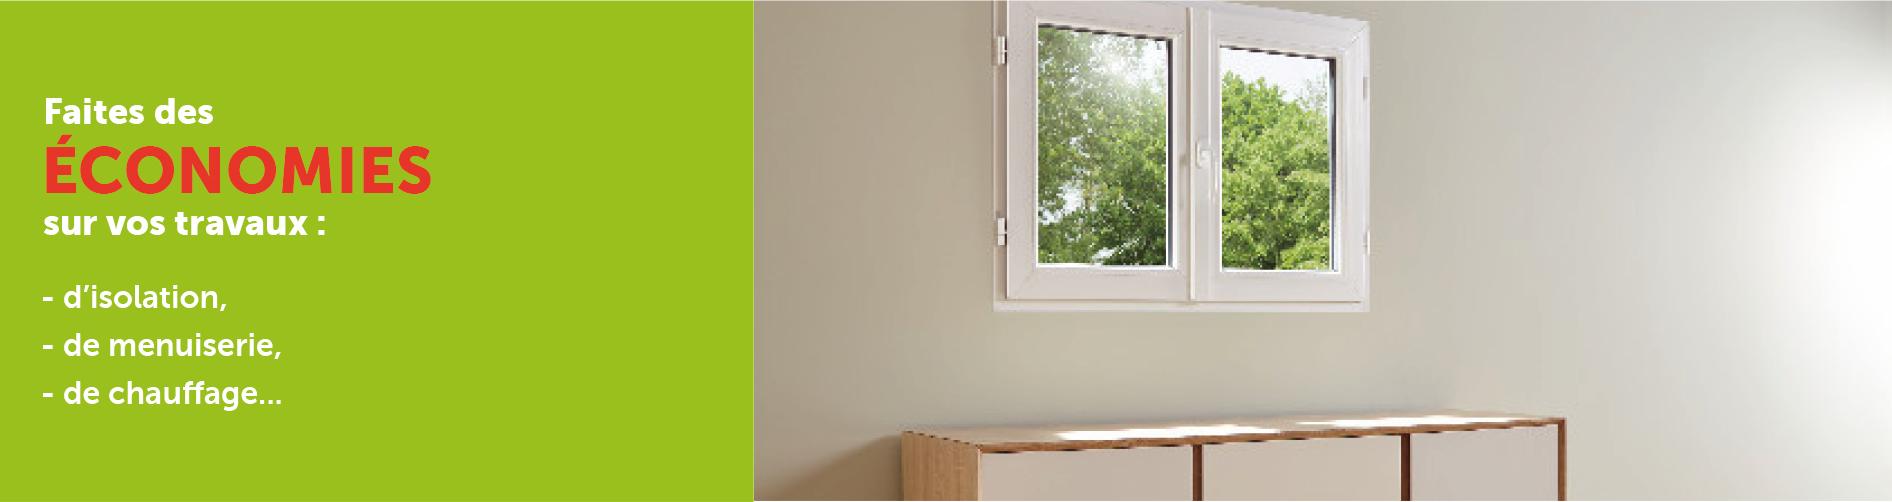 developpement durable home. Black Bedroom Furniture Sets. Home Design Ideas